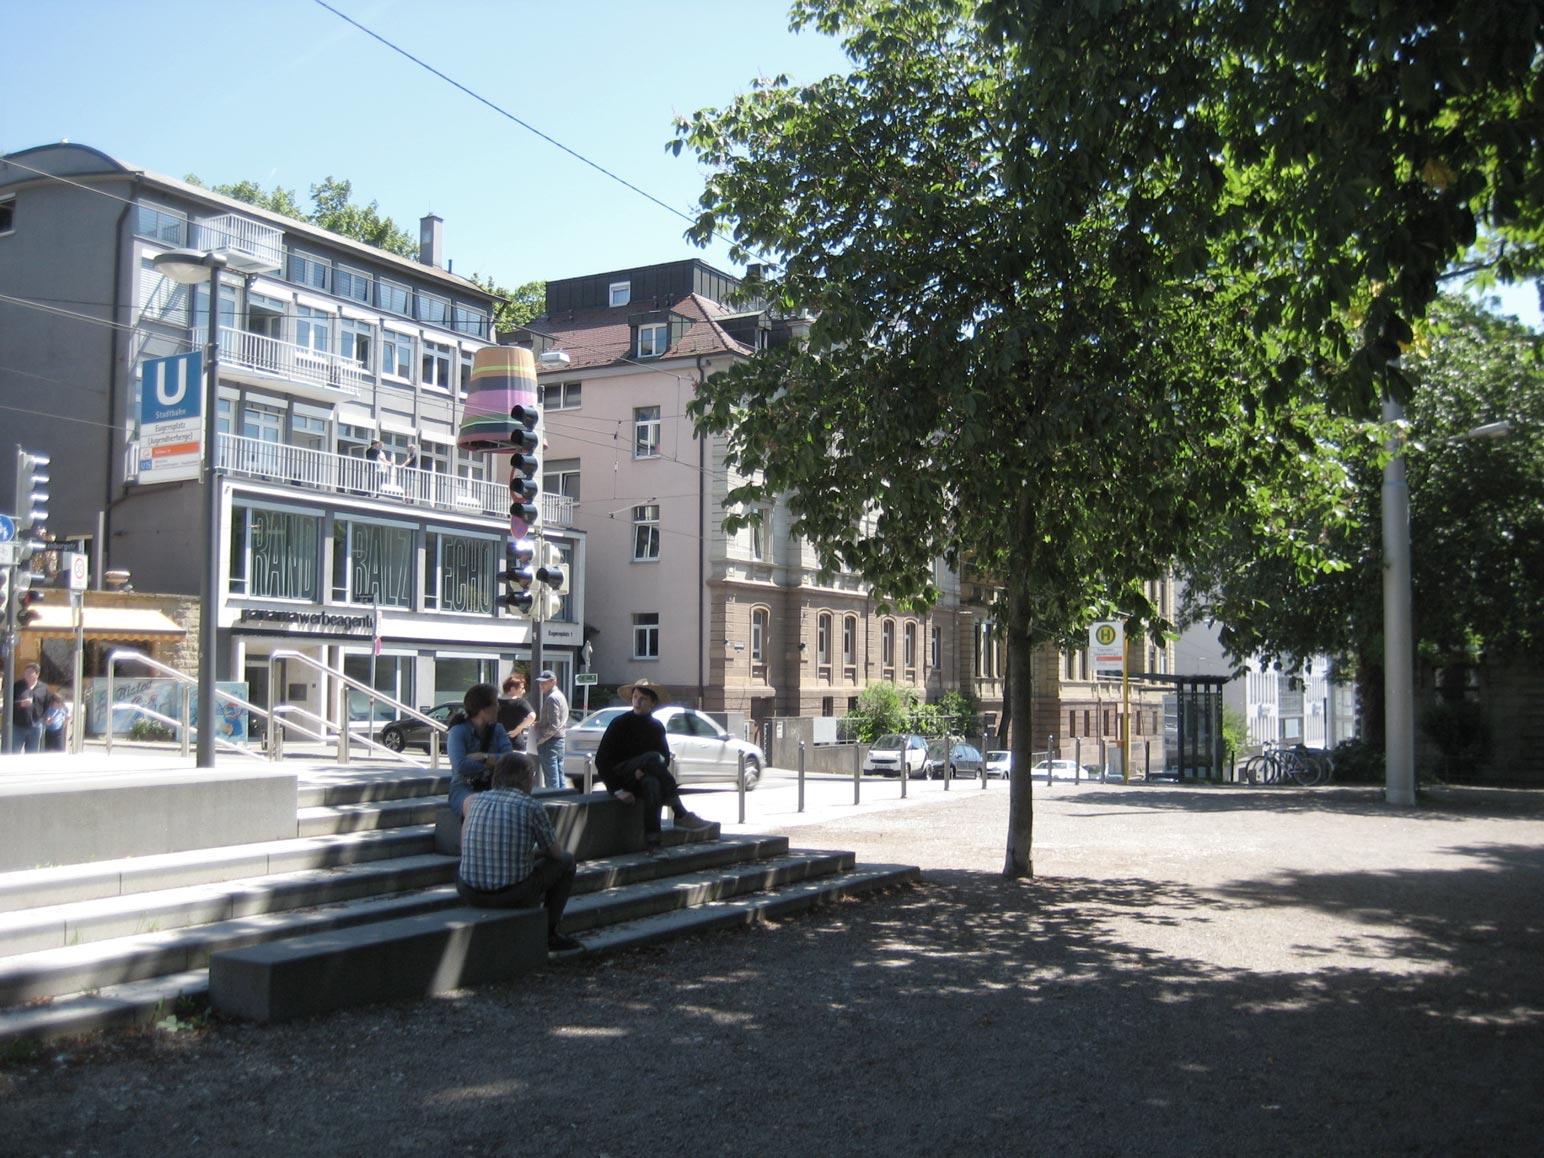 stadtbahnhaltestelle eugensplatz ffentliche bauten. Black Bedroom Furniture Sets. Home Design Ideas